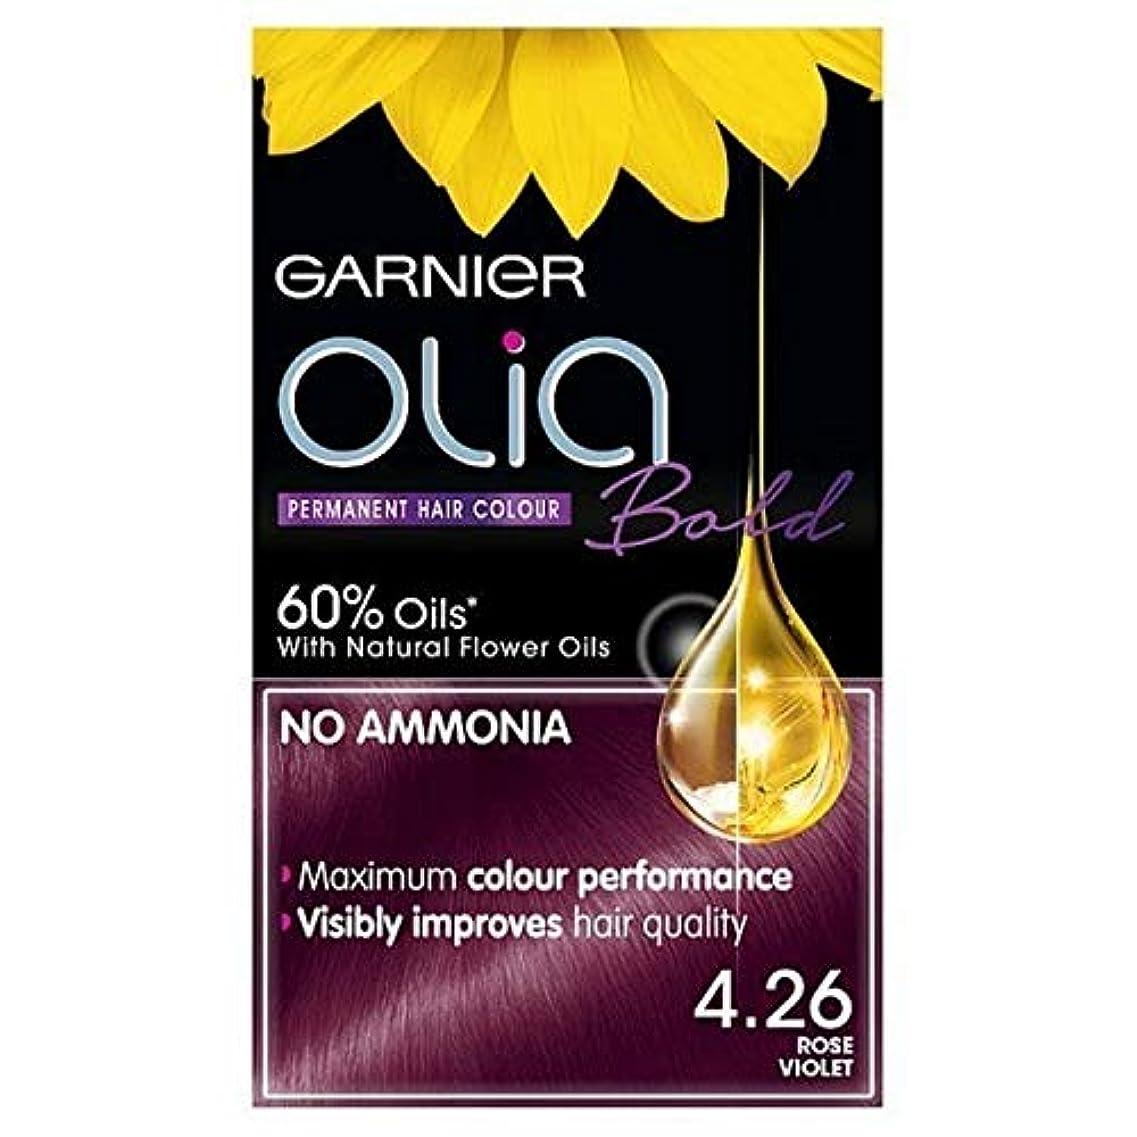 独立したニコチン類推[Garnier ] ガルニエOlia大胆永久染毛剤は、紫4.26ローズ - Garnier Olia Bold Permanent Hair Dye Rose Violet 4.26 [並行輸入品]